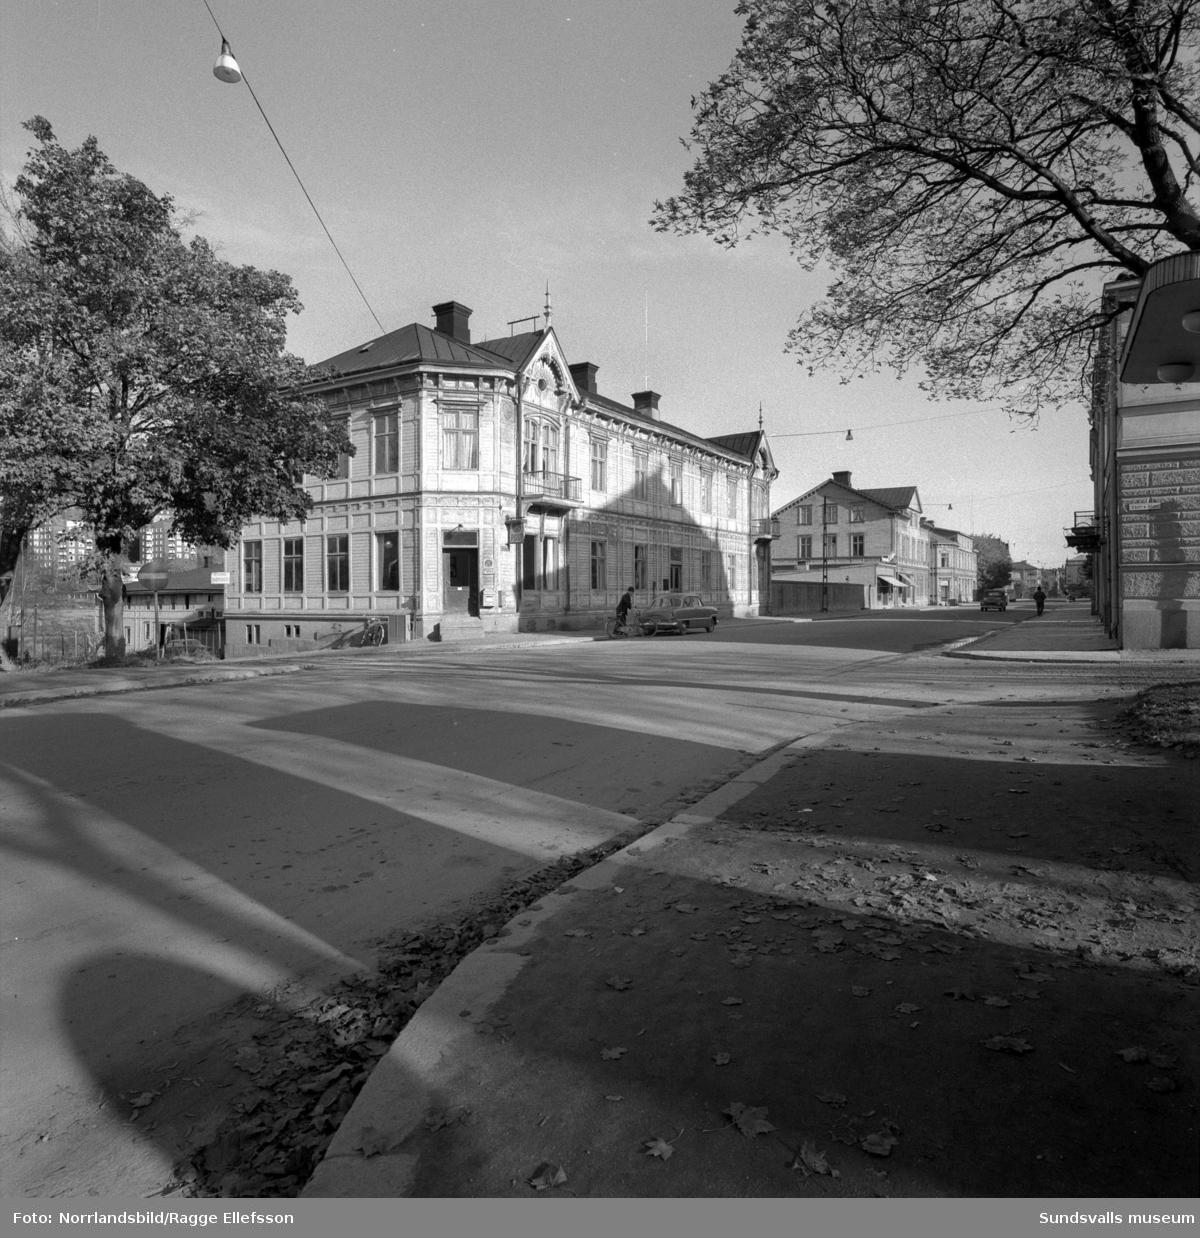 De gamla trähusen i kvarteret Guldsmeden på norra sidan av västra Storgatan som senare revs för att ge plats åt moderna flerfamiljshus. Postkontor, Konsumaffär, Öhmans livs (tidigare C.A. Krutmeijer, Godins radio.